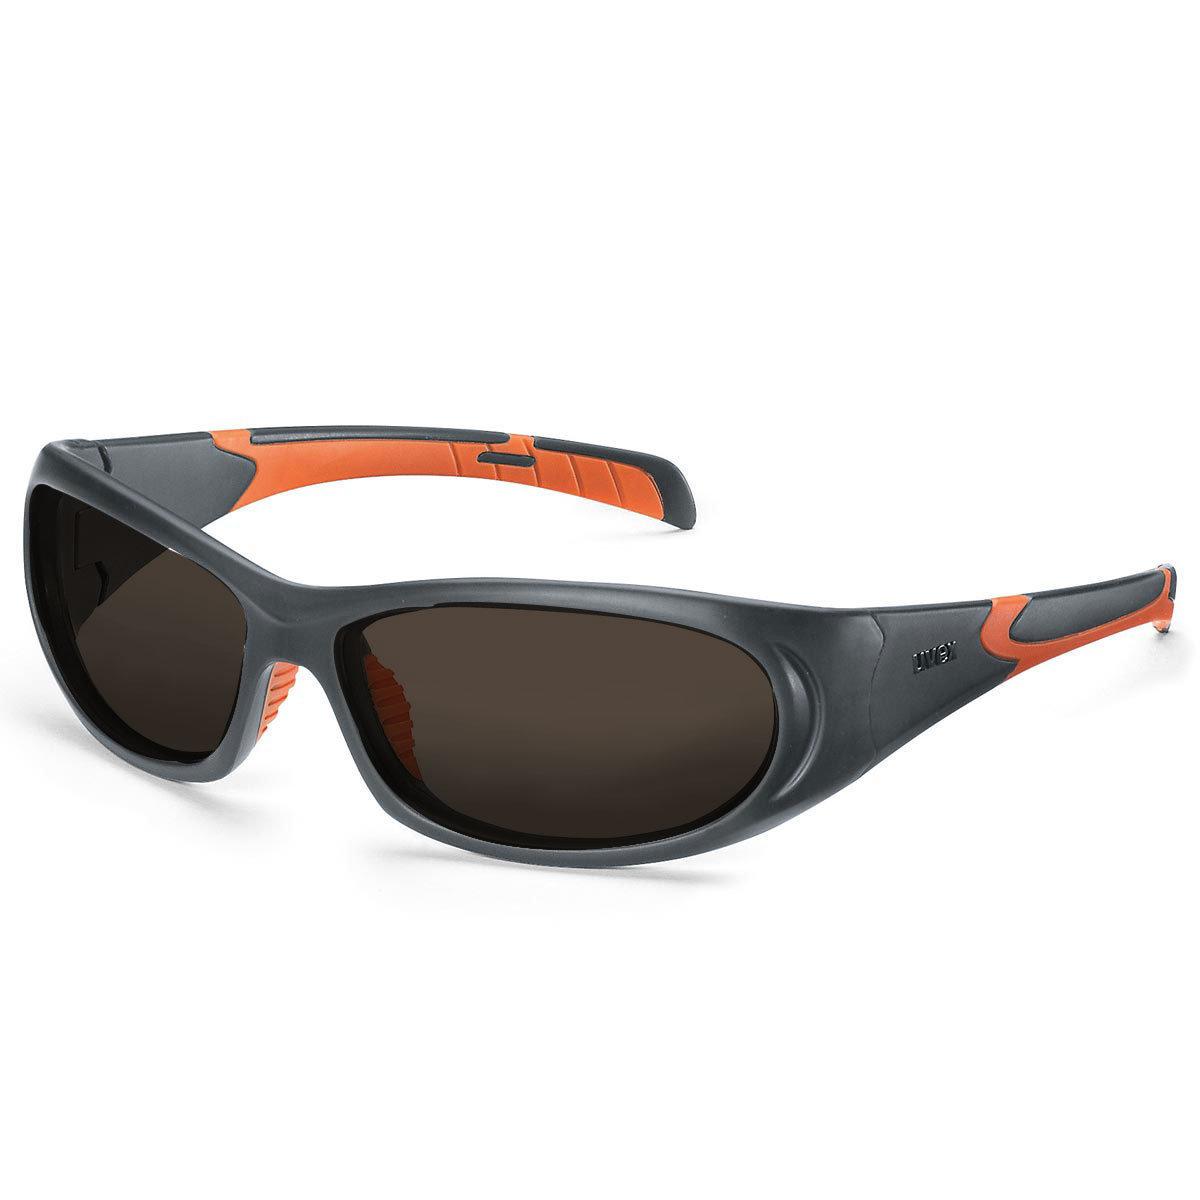 Uvex Korrektionsschutzbrille RX sp 5510 - braun getönt